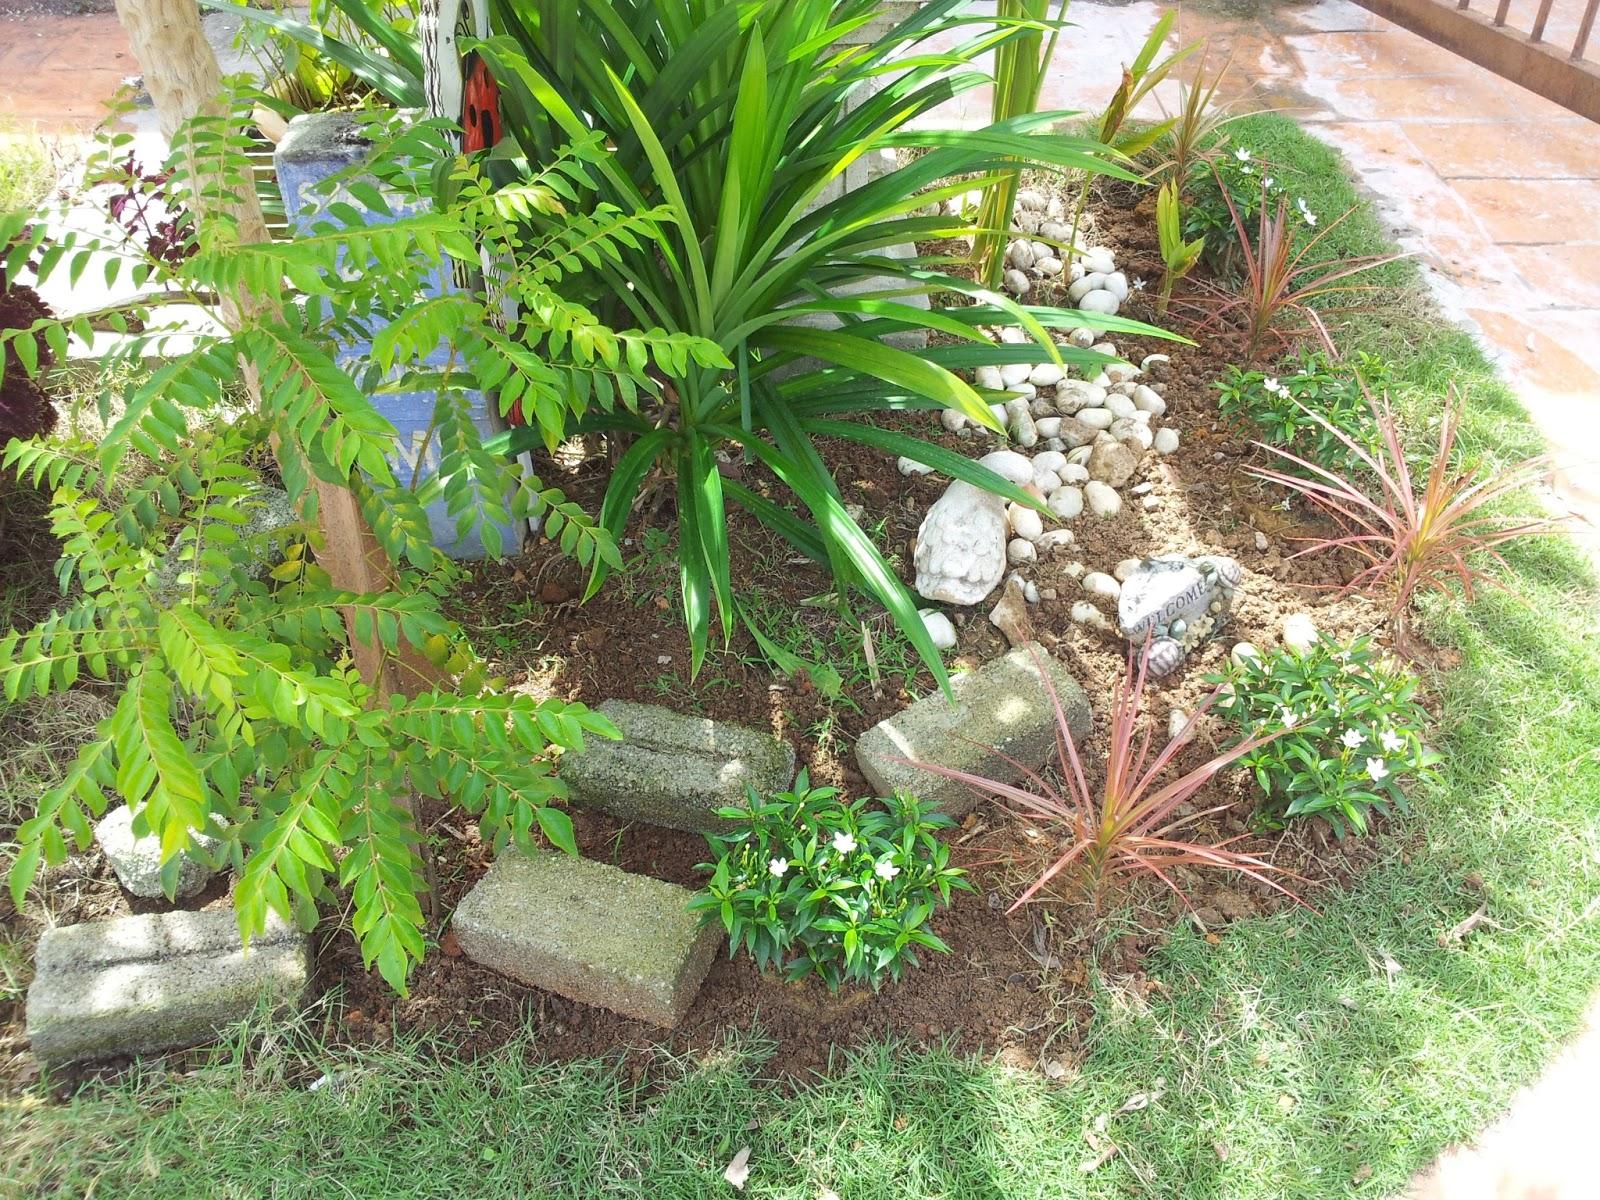 2 Polybag Pokok Bunga Jasmine Yang Di Beli Pagi Semalam Klik Disini Terus Tanam Taman Mini Vill22 Sebelum Ini Ada Kesum Kaduk Dan